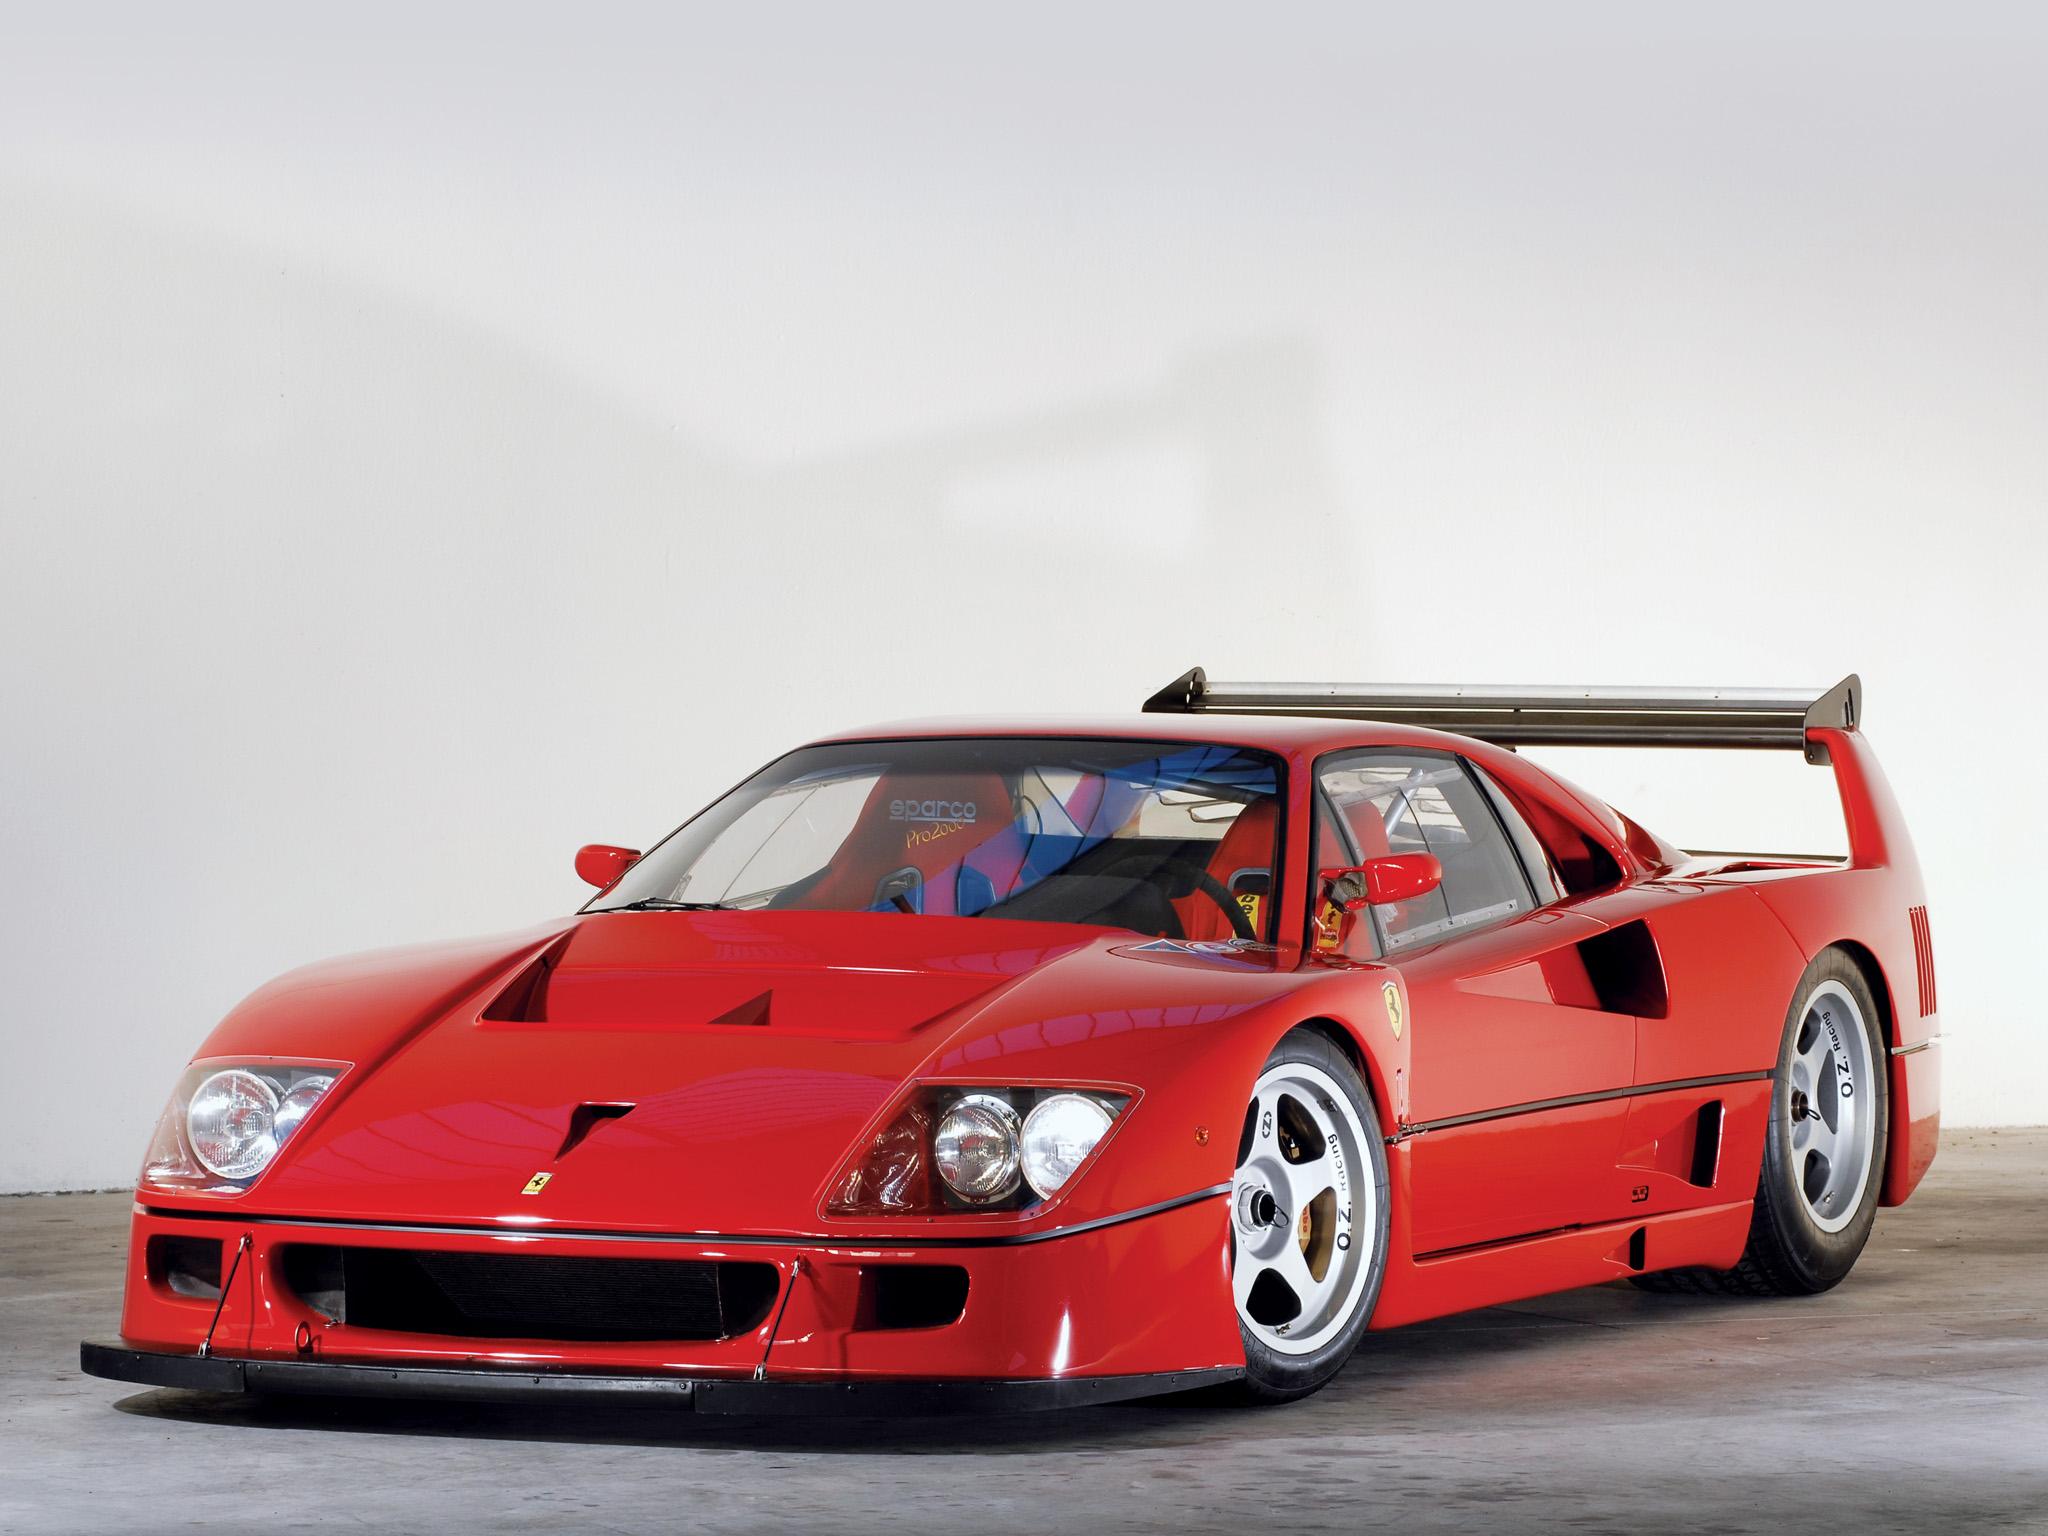 1988 Ferrari F40 Classic Supercar Race Racing Wallpaper